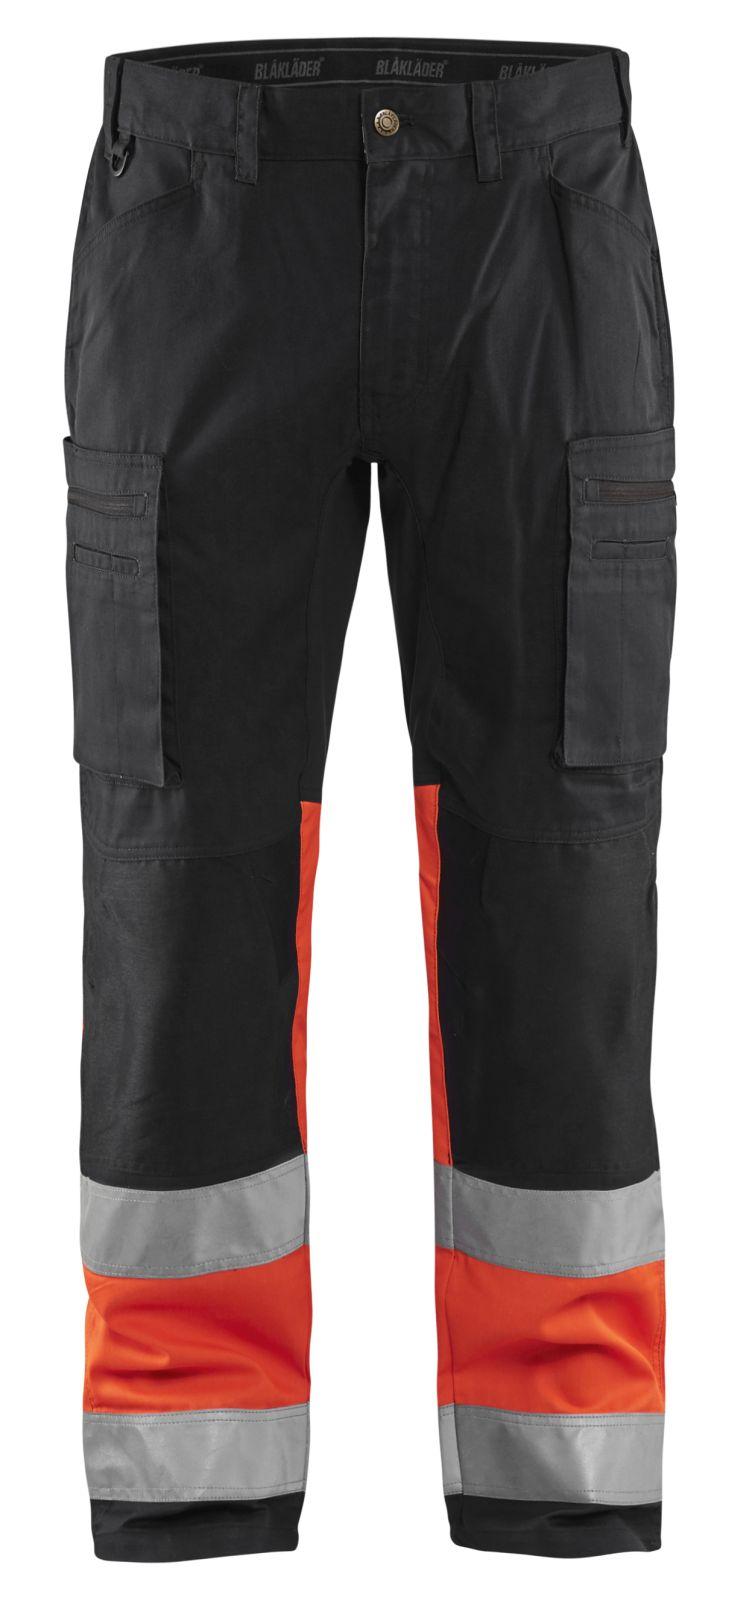 Blaklader Softshell werkbroeken 15511811 High Vis zwart-fluo rood(9955)